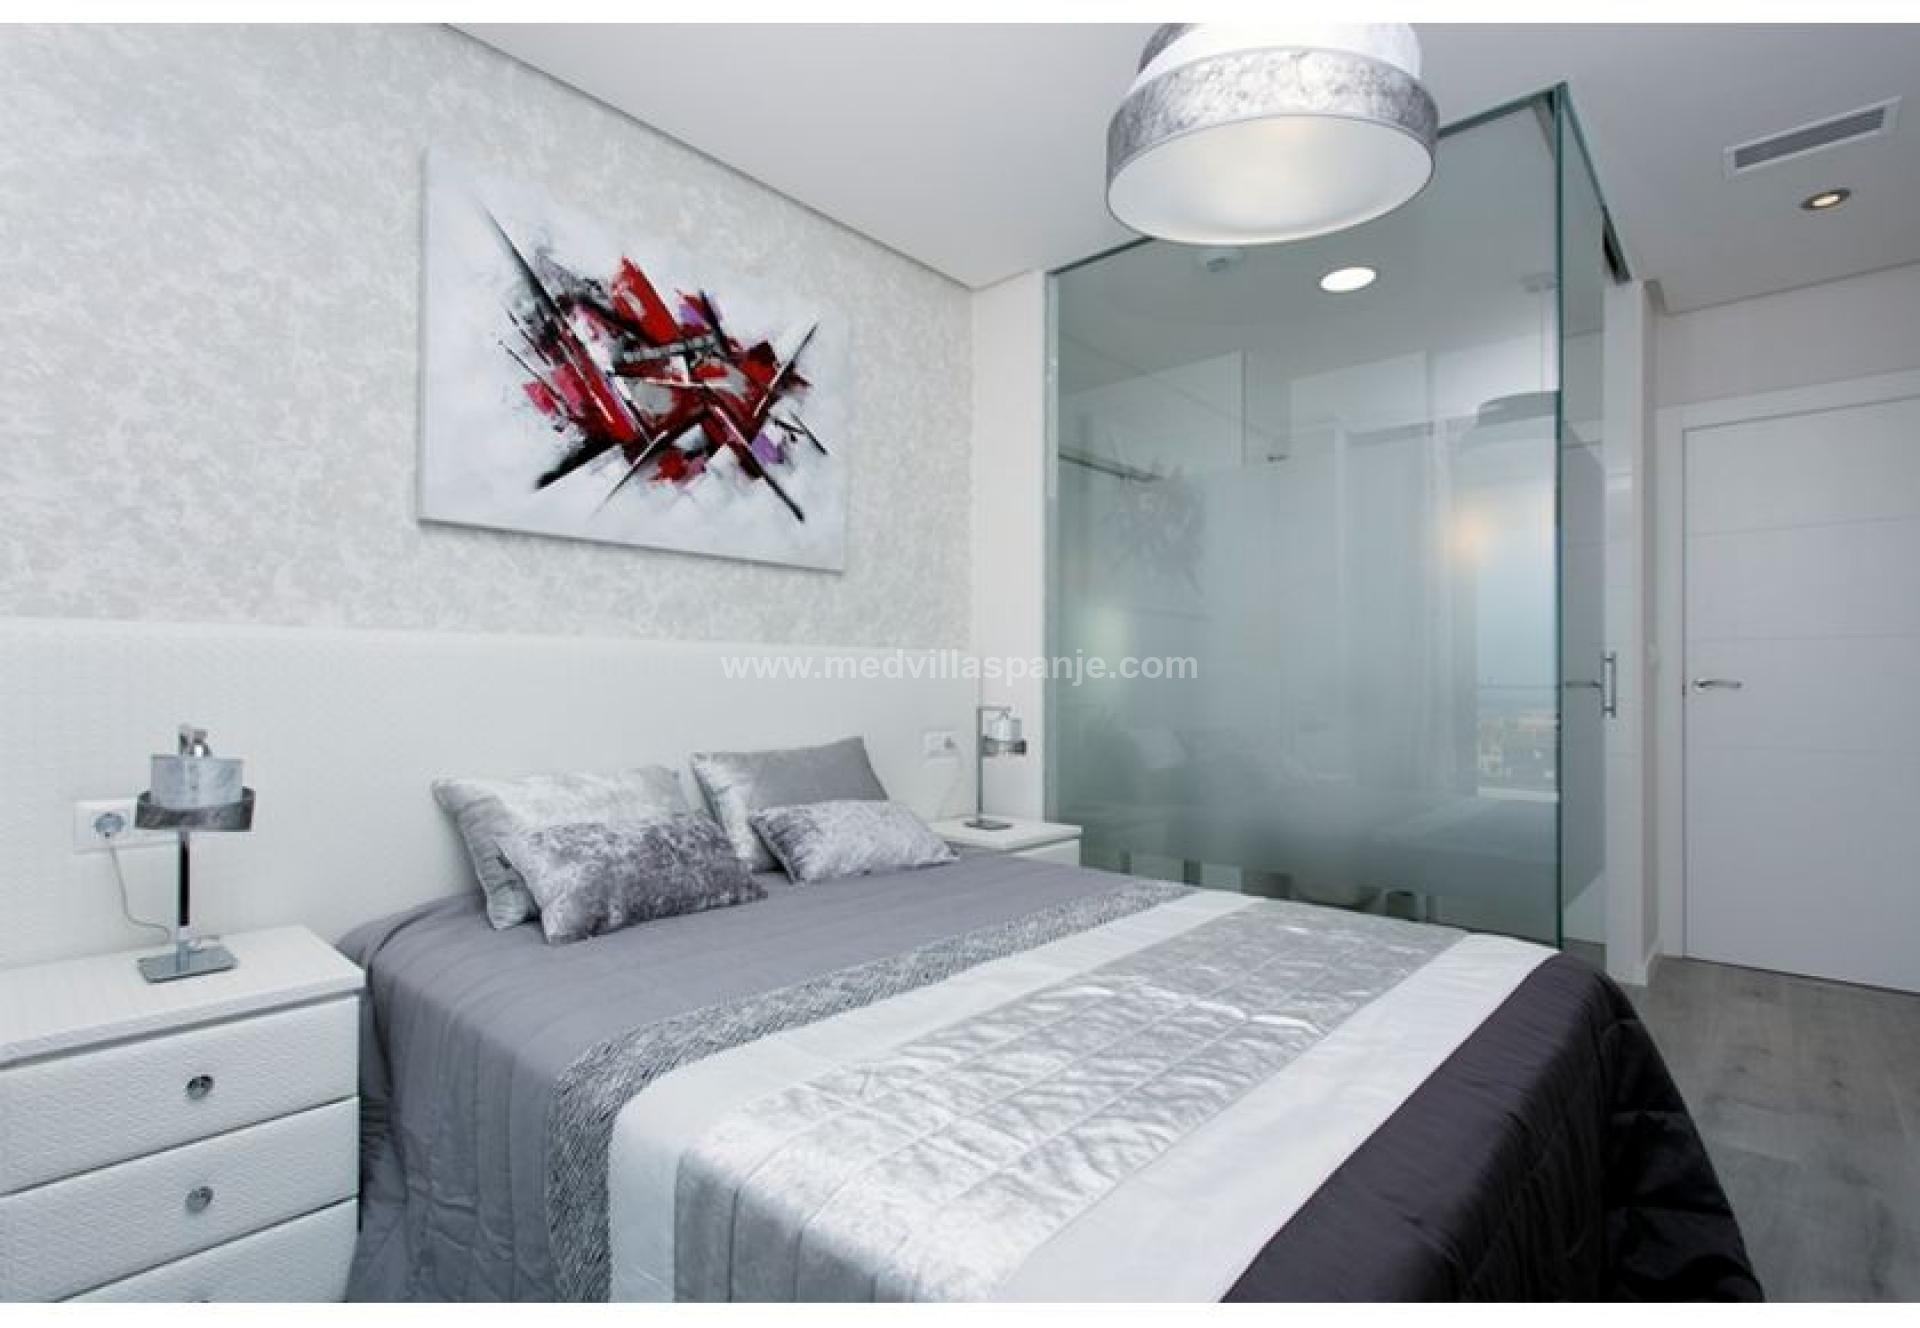 3 bedroom Apartment in La Zenia - New build in Medvilla Spanje